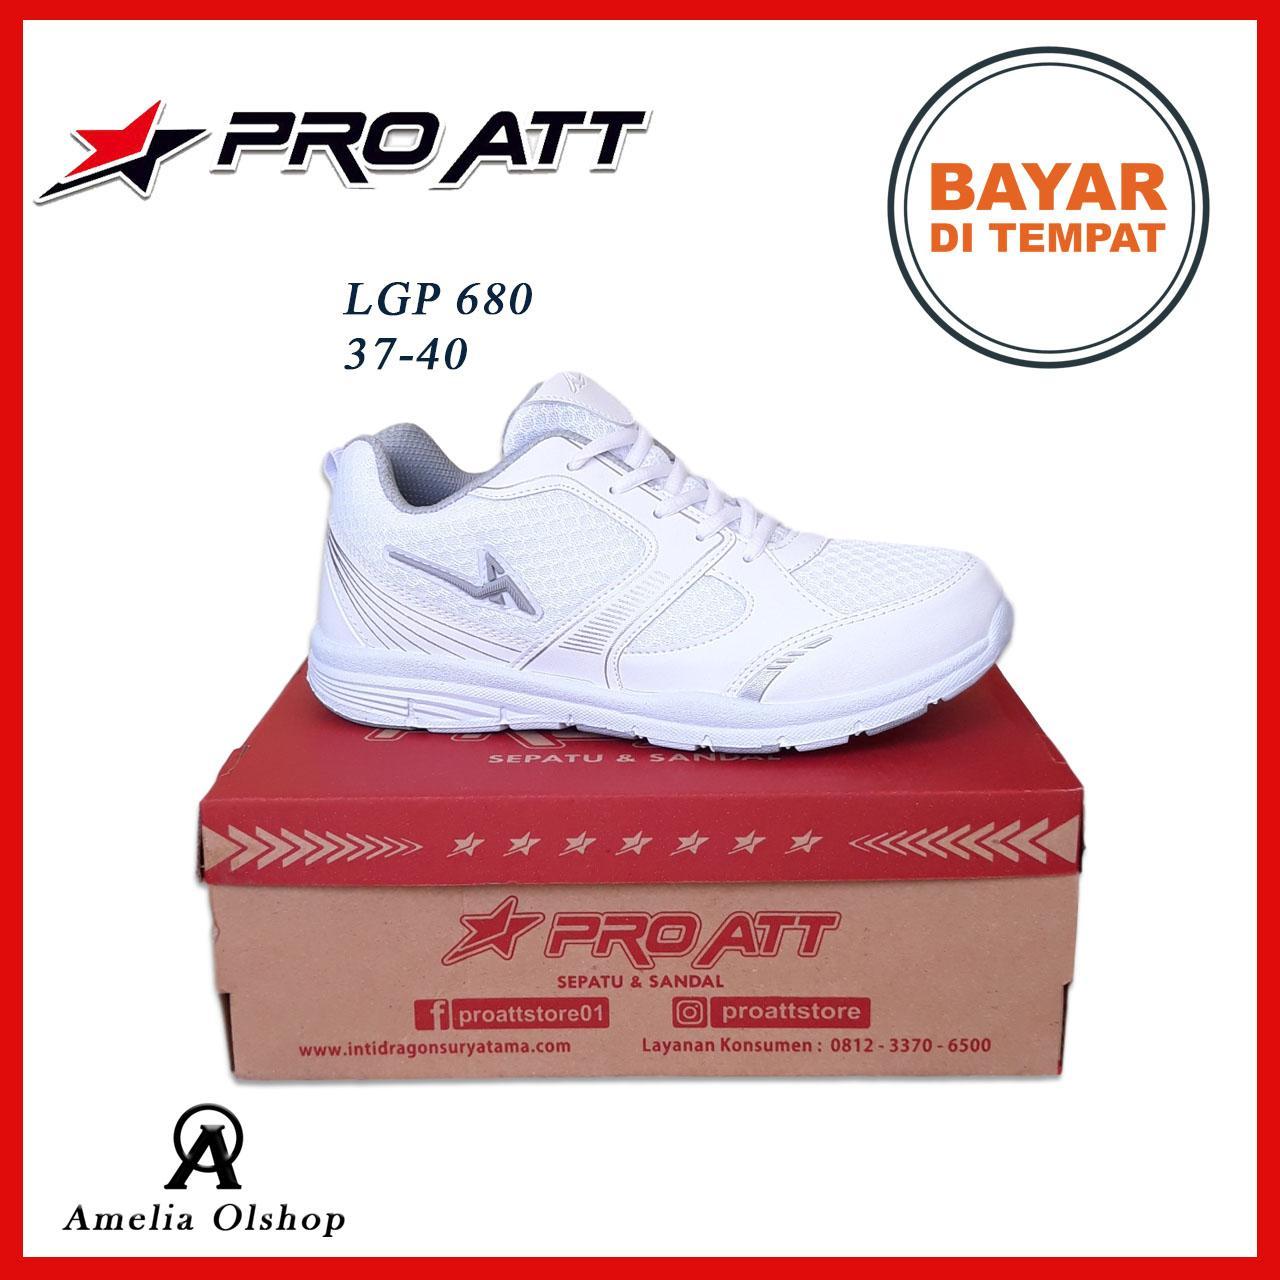 Amelia Olshop - Sepatu Pro ATT LG 37-40   Sepatu Wanita   Sepatu Sneakers 4b276d7430